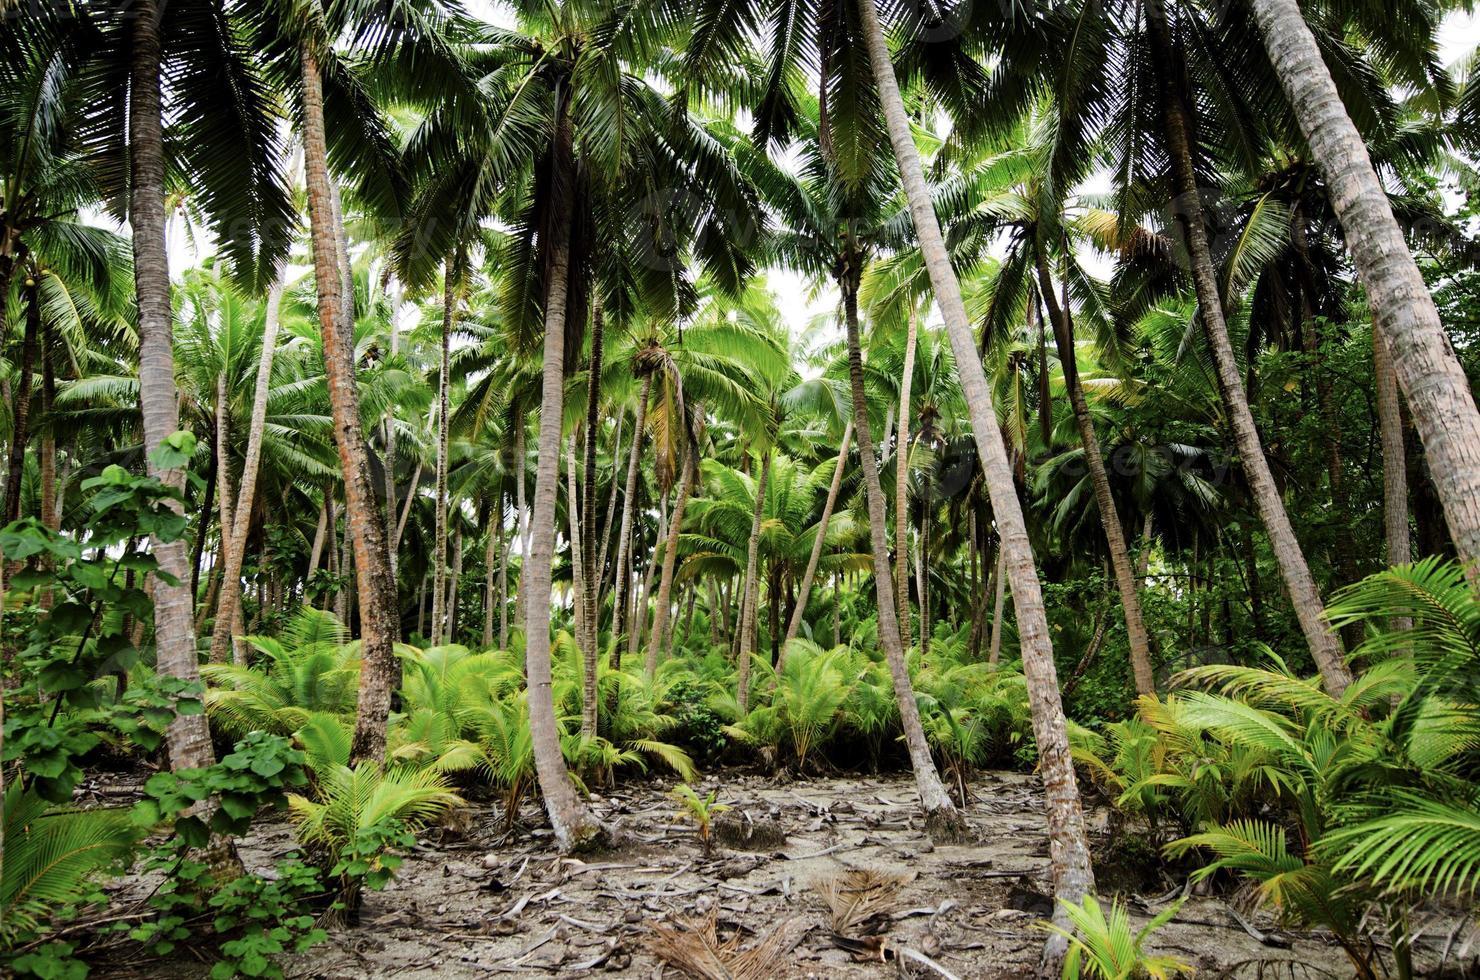 selva da floresta tropical do pacífico sul foto